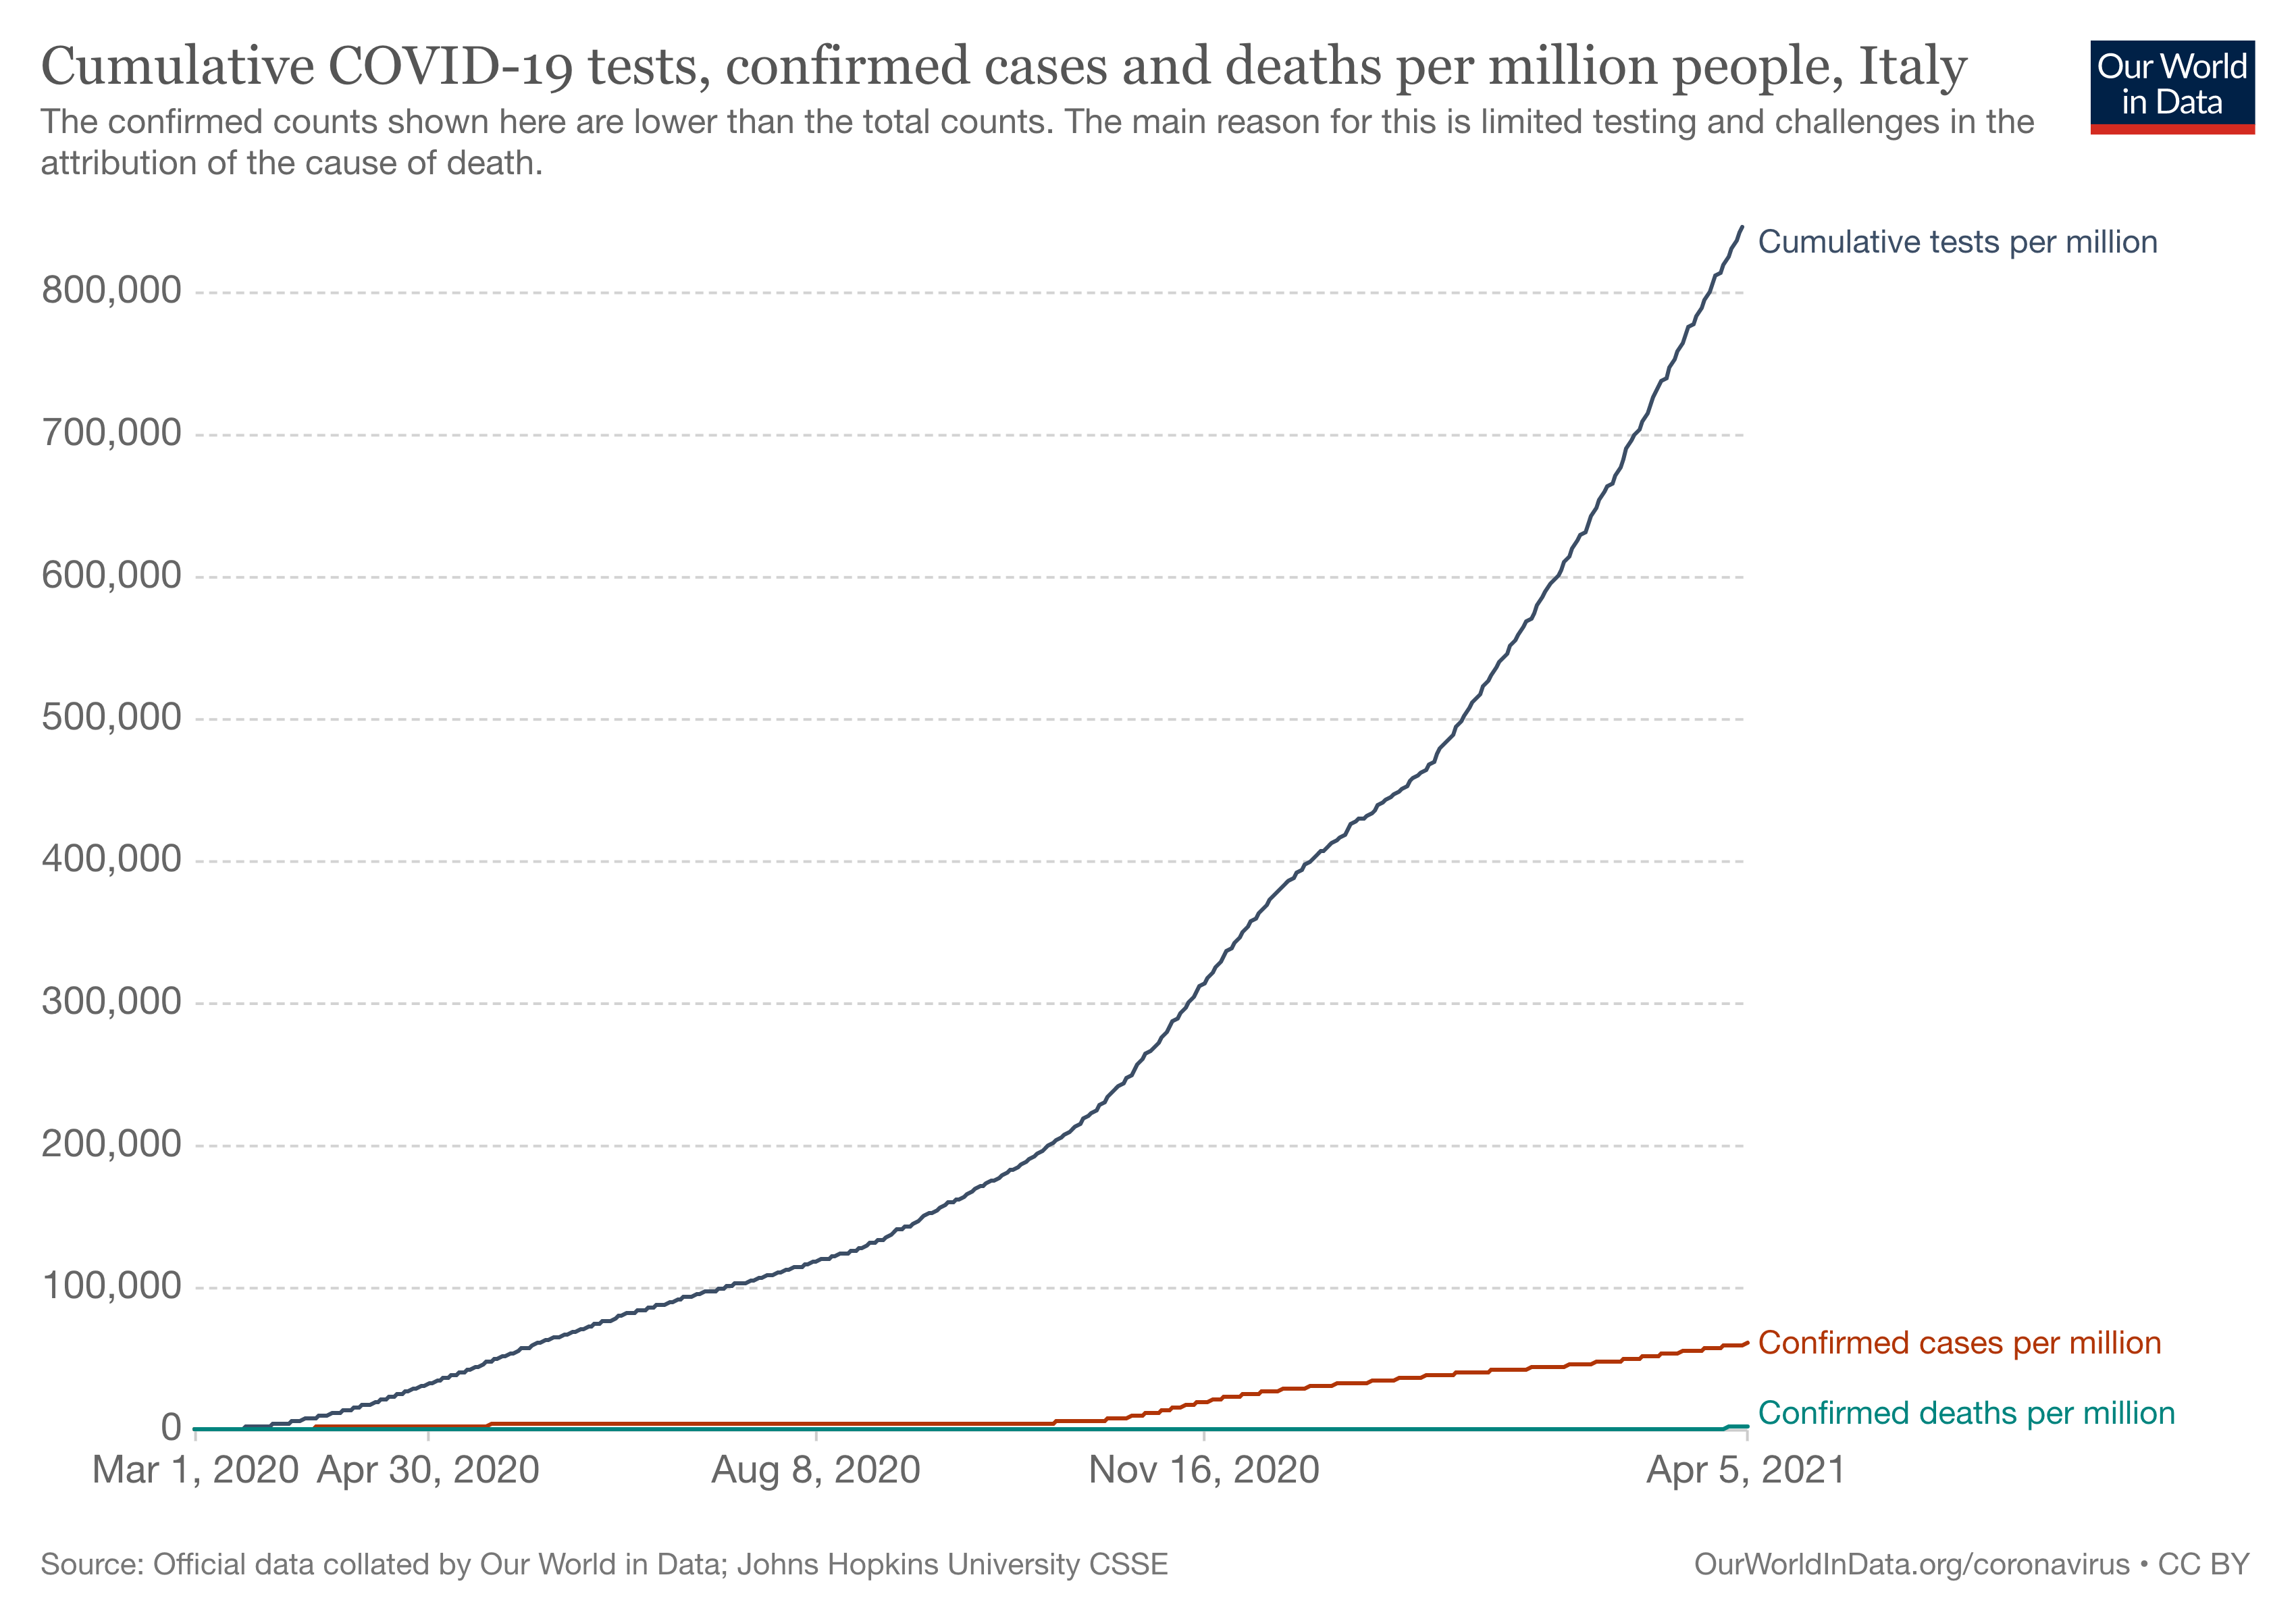 Healthcare Data Visualization COVID Test Cases Per Million Italy